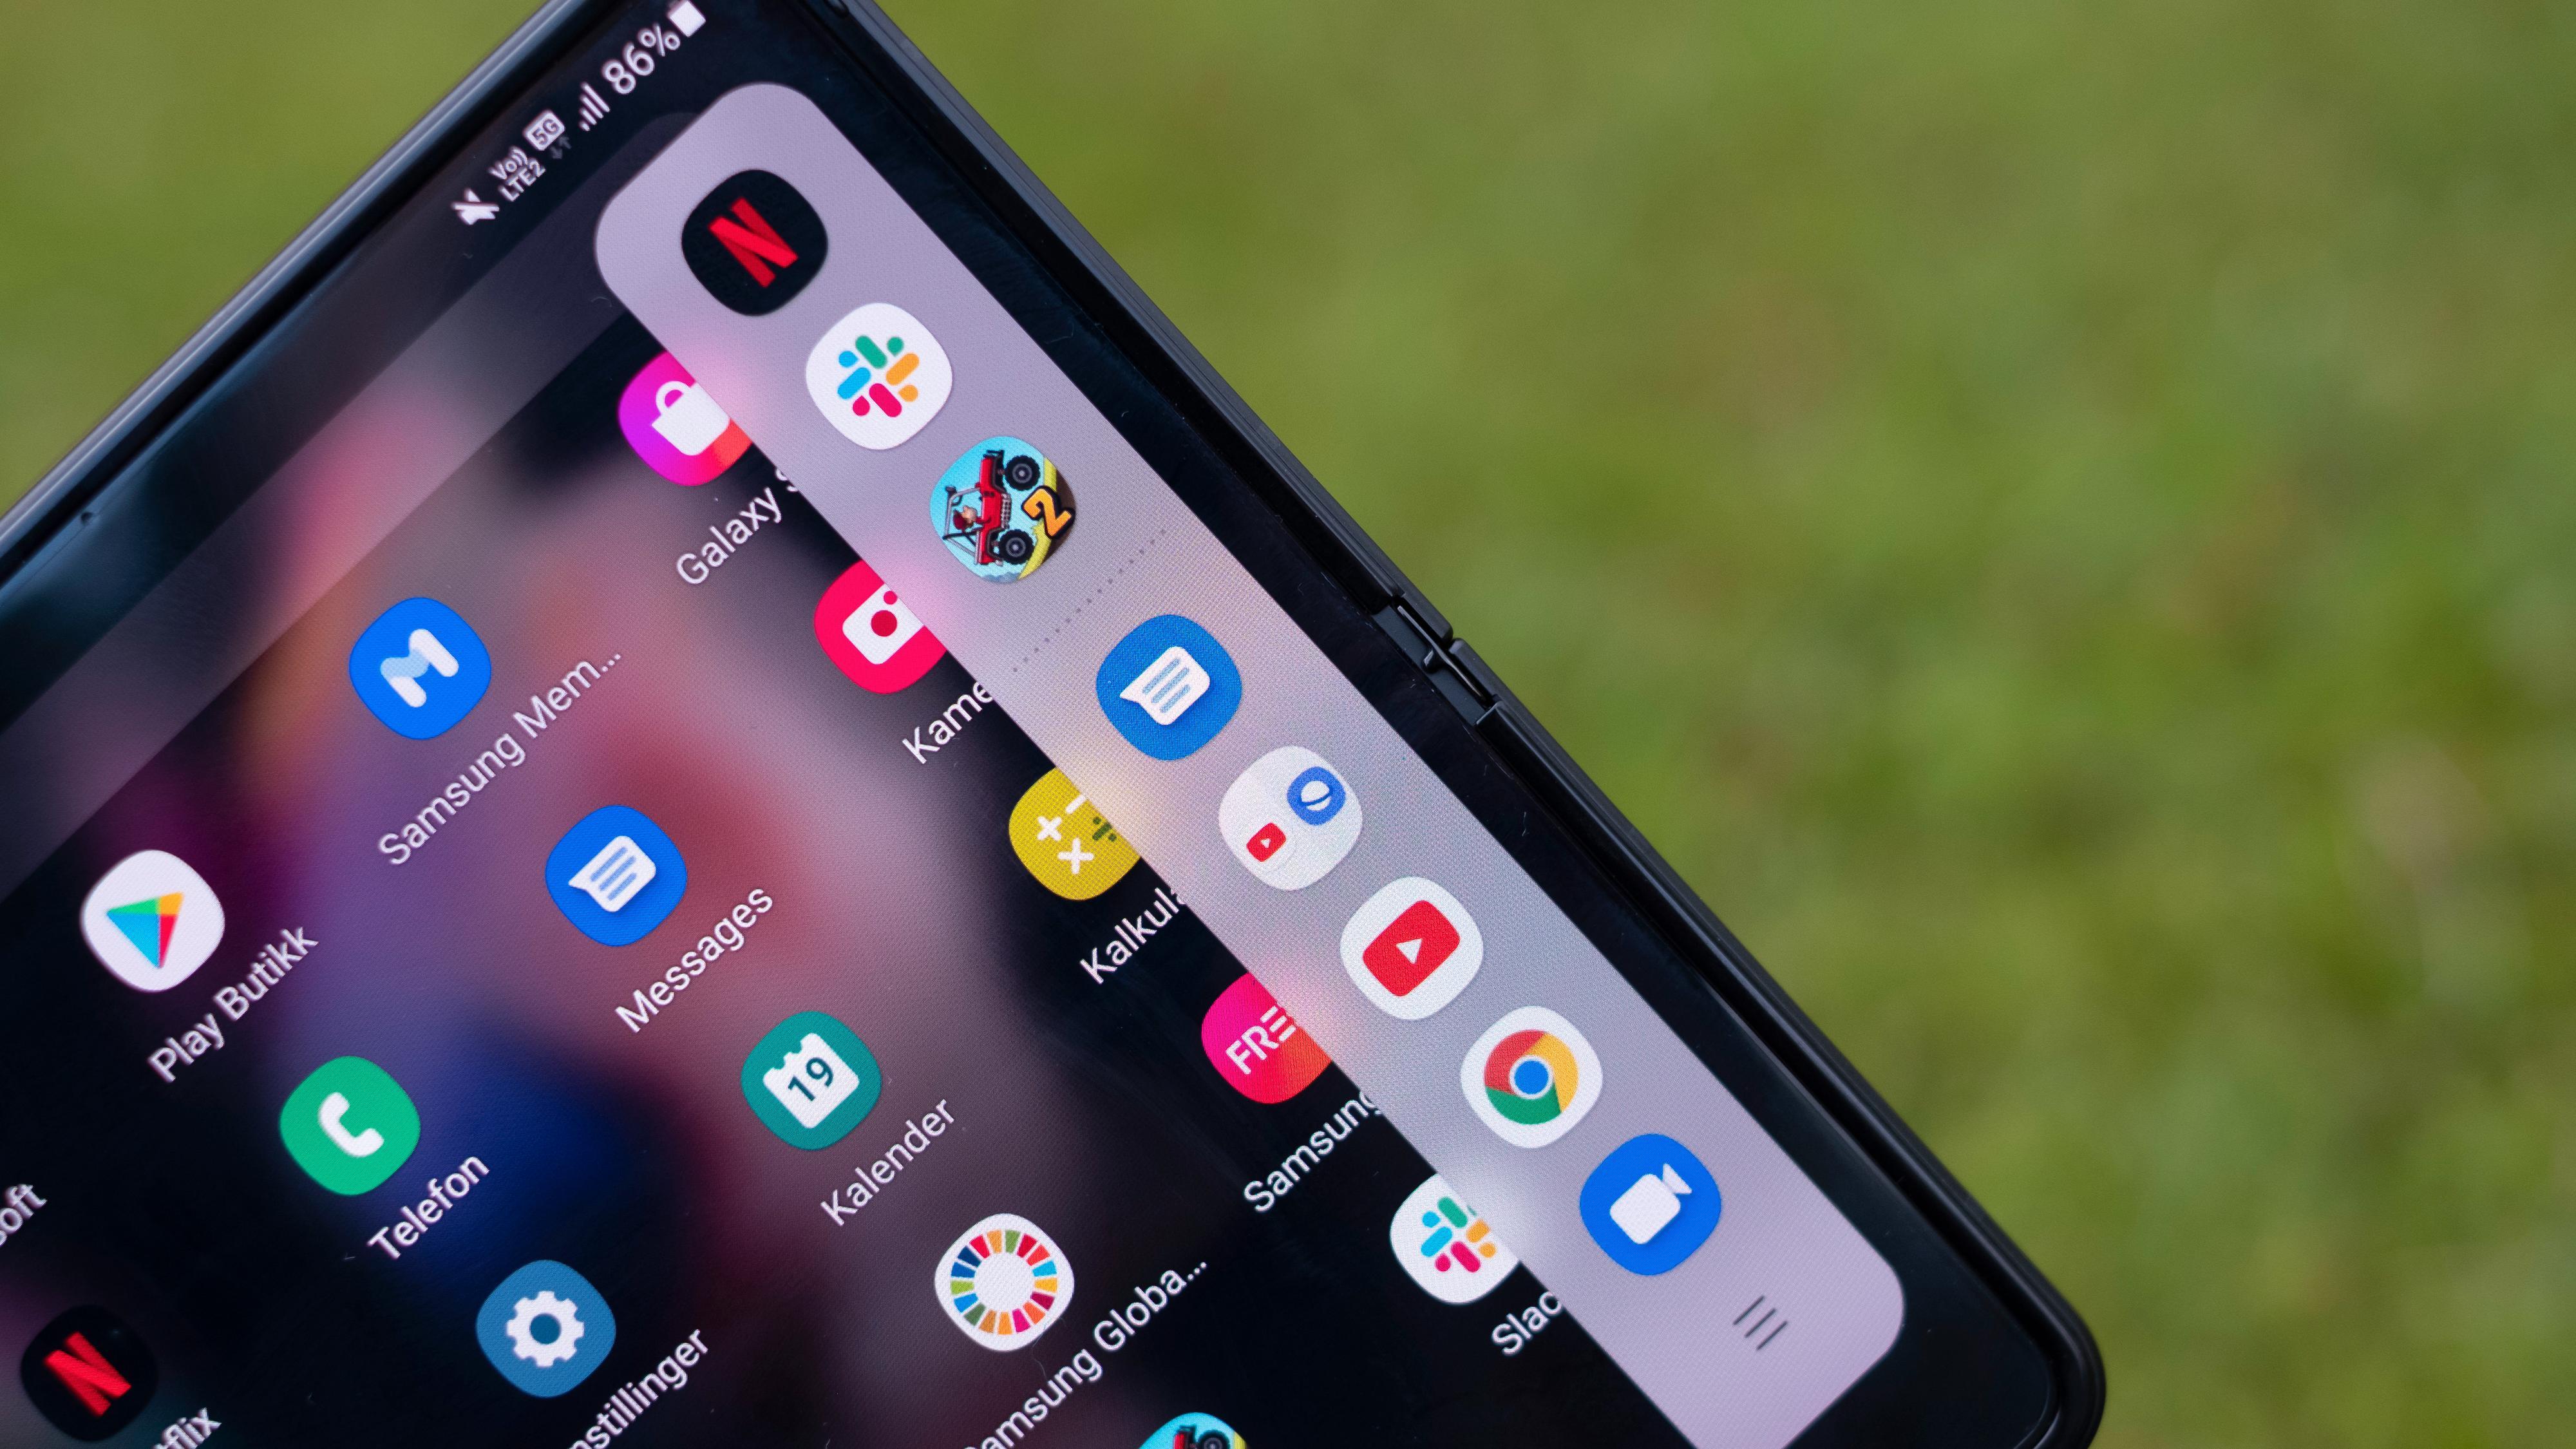 Samsung var først ute til å ha en «slide over»-funksjon med menyvalg som trekkes inn fra siden for kjøring av mange samtidige apper. Apple har siden latt seg inspirere og kjører en nær identisk sidemeny i sitt iPad OS.